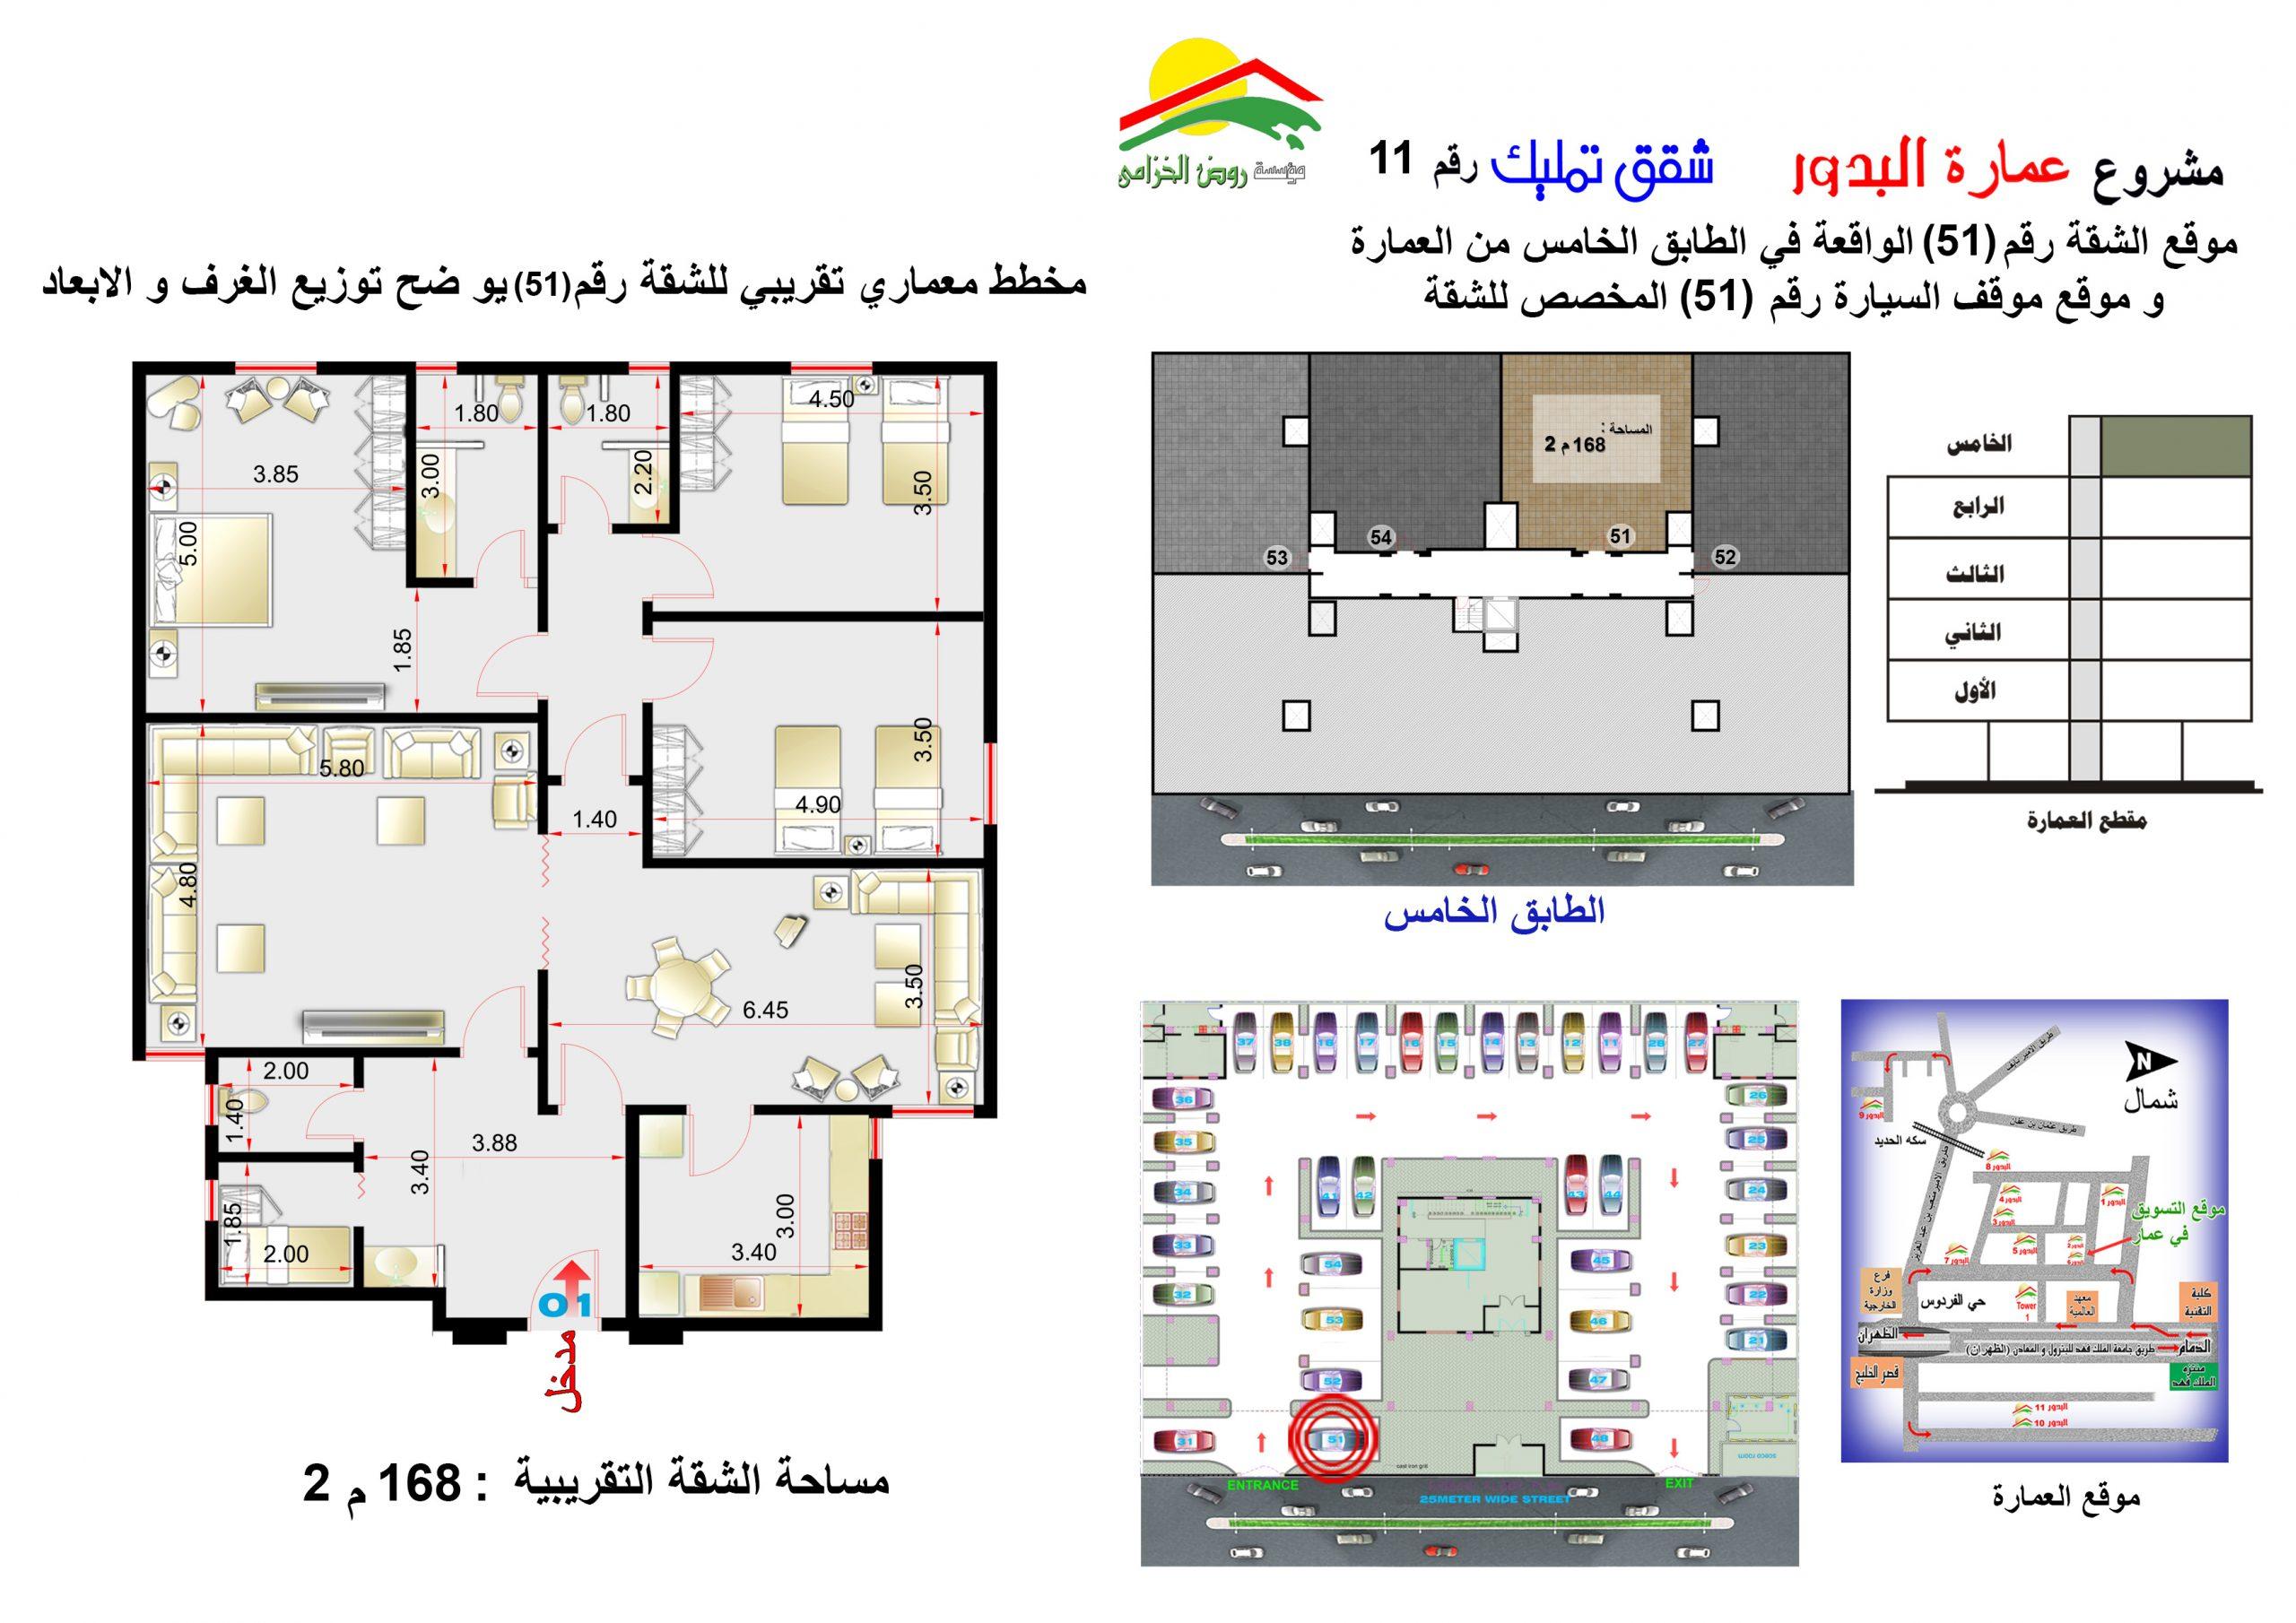 مخطط تفصيلي شقة 51